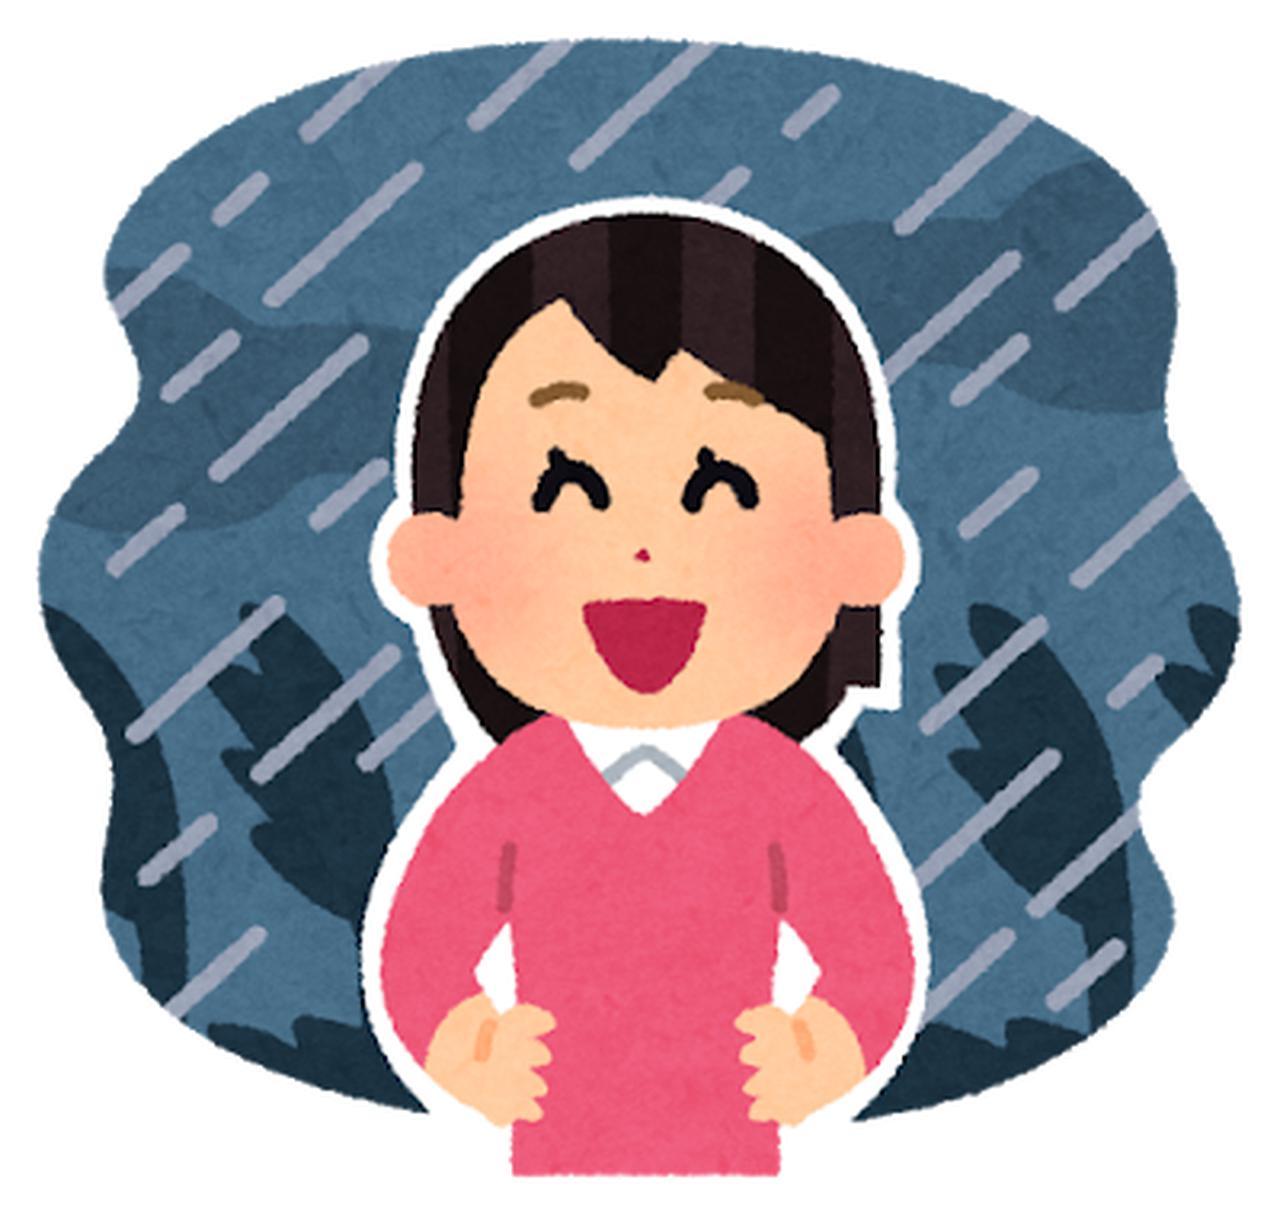 画像: 「雨でもなんとかなる」は非常に危険な考え方です